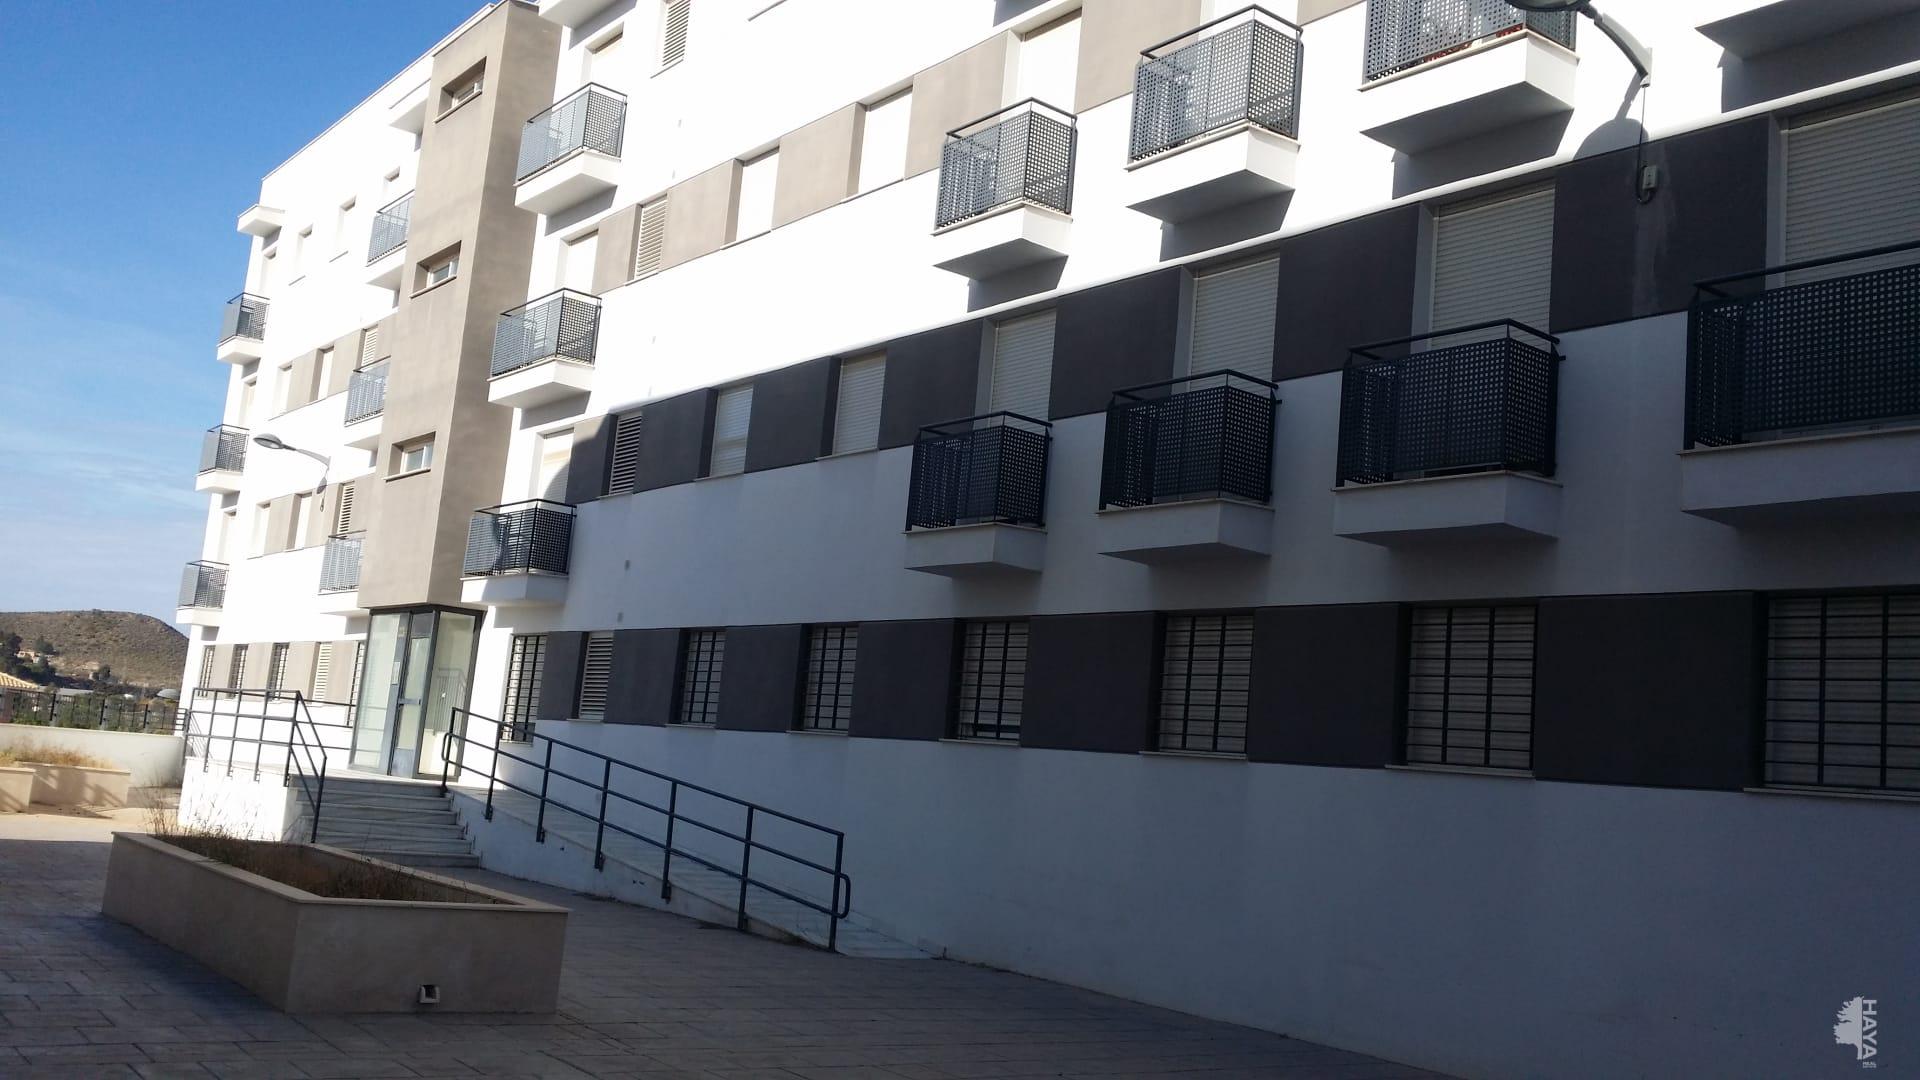 Piso en venta en Huitar Mayor, Olula del Río, Almería, Calle Alta, 61.200 €, 3 habitaciones, 1 baño, 104 m2